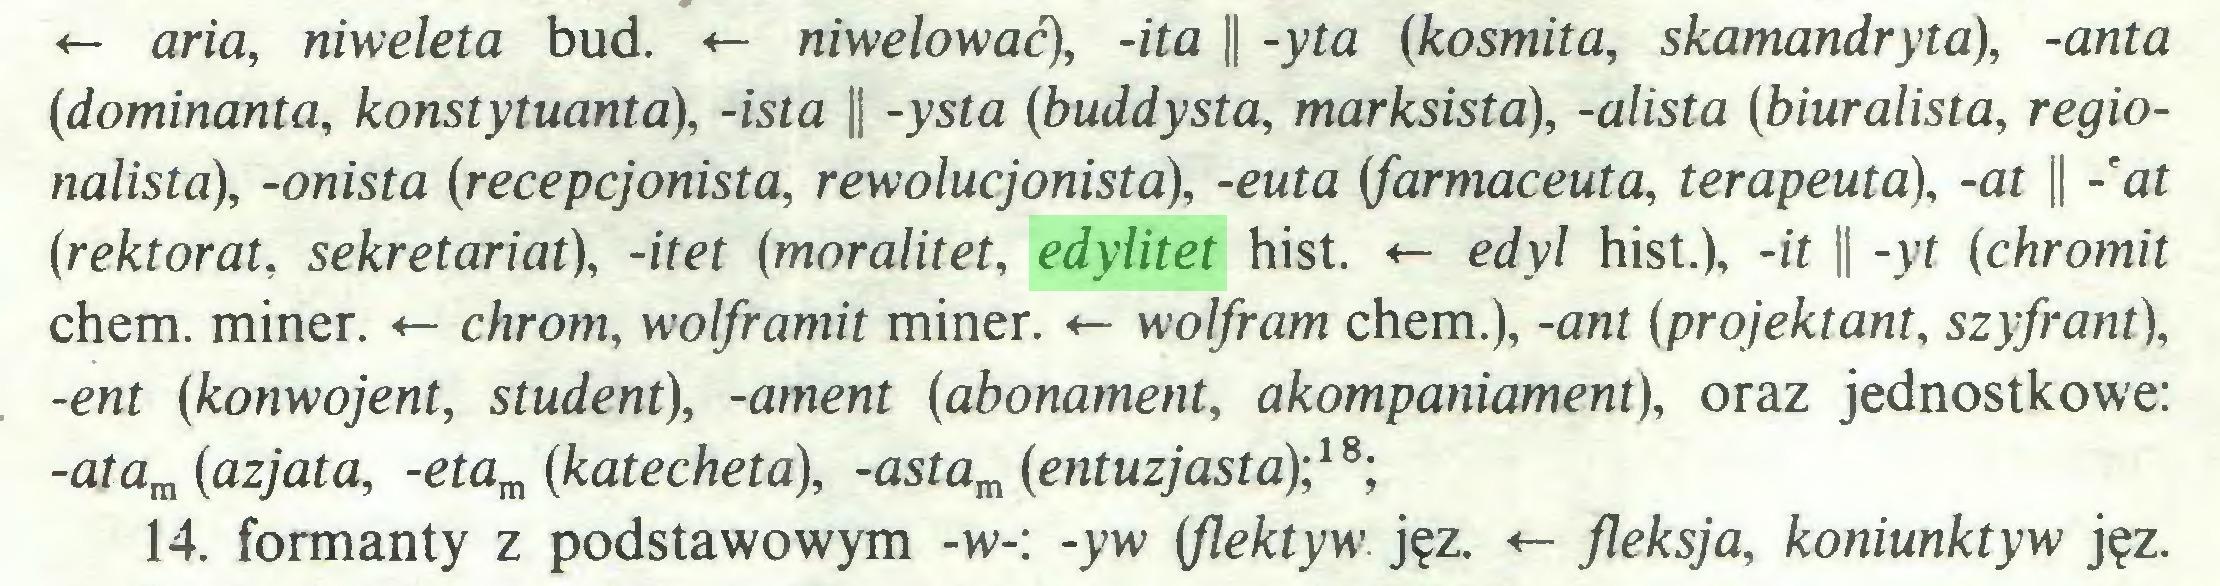 (...) <- aria, niweleta bud. <- niwelować), -ita || -yta (kosmita, skamandryta), -anta (dominanta, konstytuanta), -ista || -ysta (buddysta, marksista), -alista (biuralista, regionalista), -onista (recepcjonista, rewolucjonista), -euta (farmaceuta, terapeuta), -at || - at (rektorat, sekretariat), -itet (moralitet, edylitet hist. «- edyl hist.), -it || -yt (chromit chem. miner. «- chrom, wolframit miner. <- wolfram chem.), -ant (projektant, szyfrant), -ent (konwojent, student), -ament (abonament, akompaniament), oraz jednostkowe: -atam (azjata, -etam (katecheta), -astam (entuzjasta)',18; 14. formanty z podstawowym -w-: -yw (flektyw jęz. <- fleksja, koniunktyw jęz...